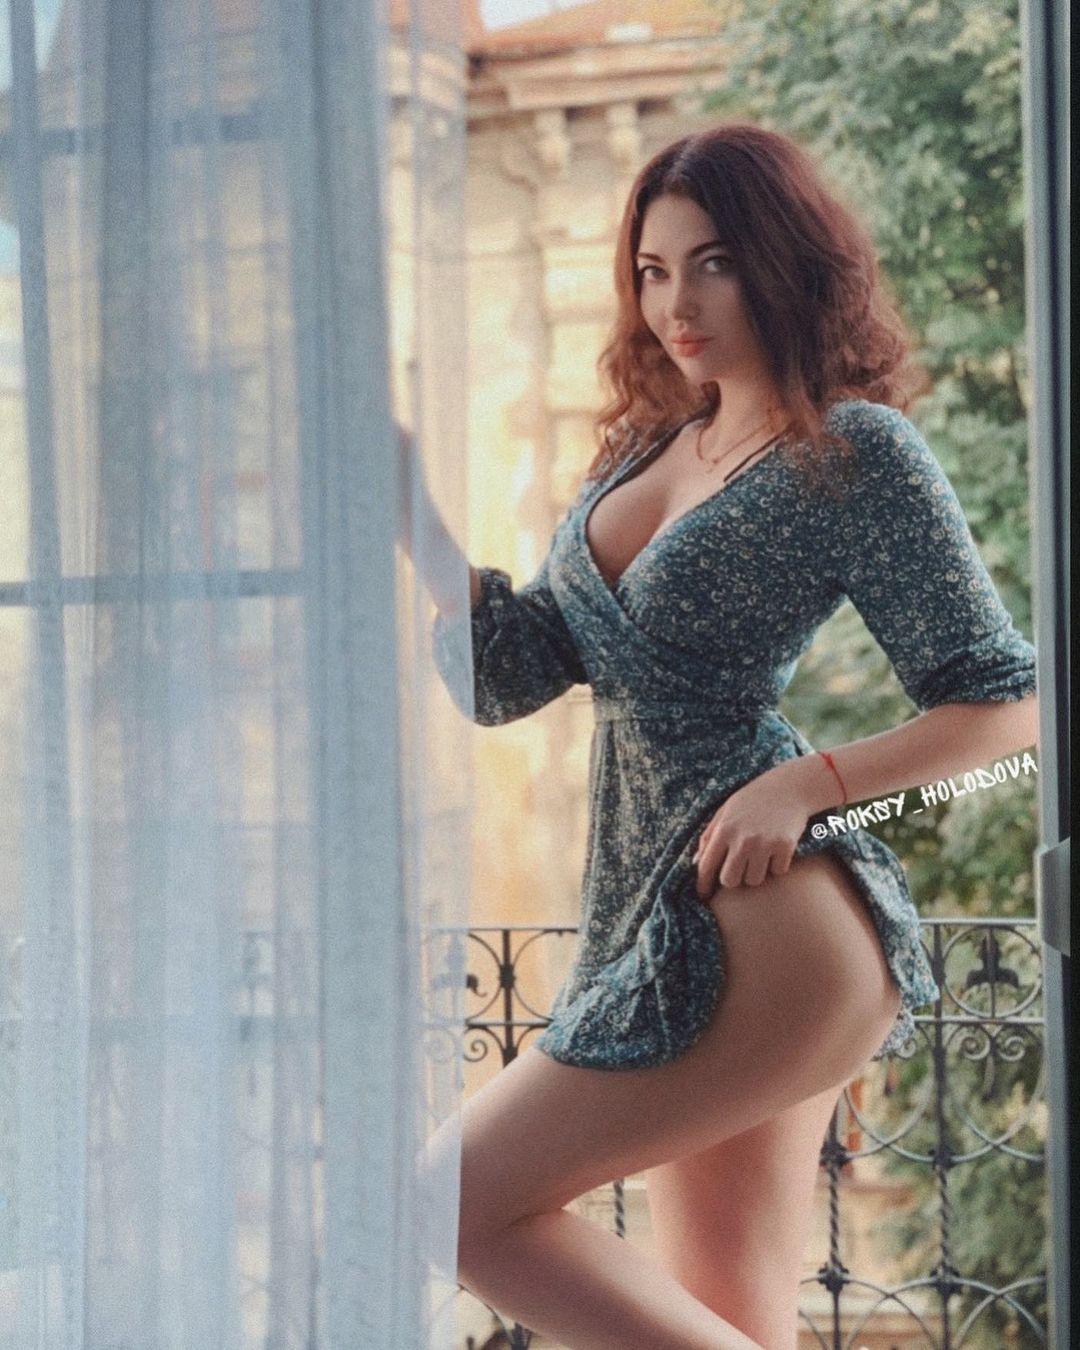 Роксана Холодова (Roksana Holodova) - украинская звезда Инстаграм с шикарными формами 8